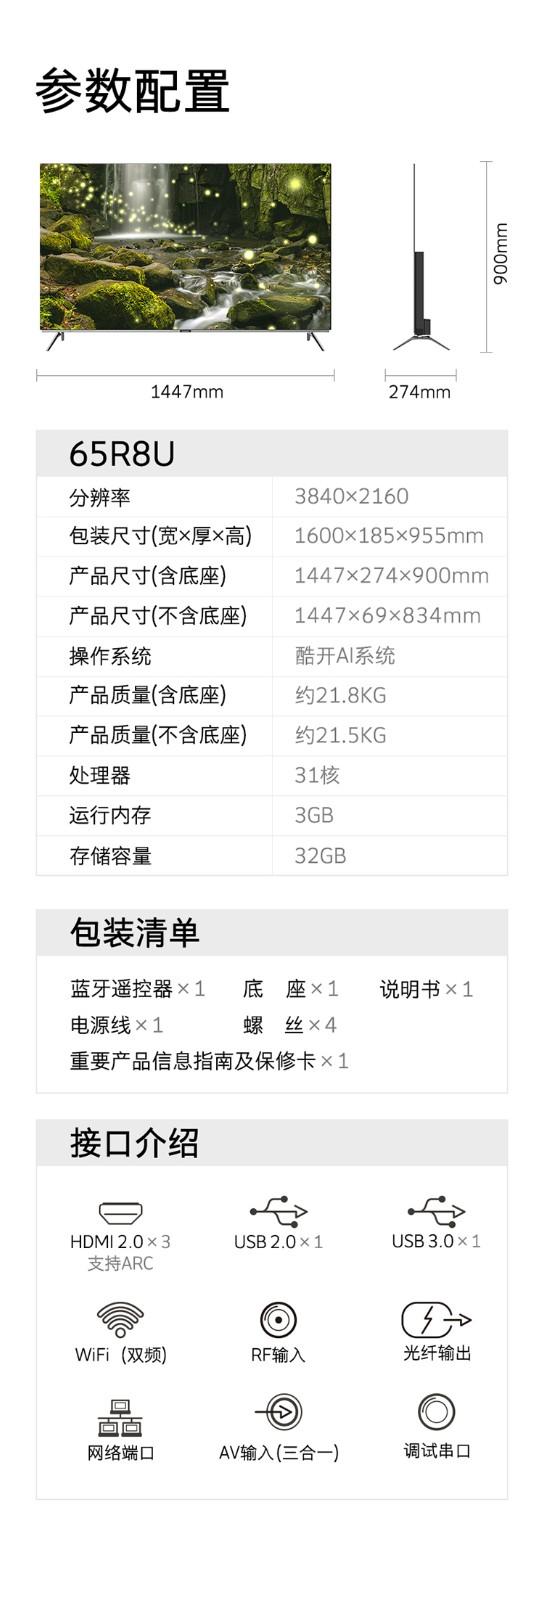 65R8U_参数750(雷竞技电竞).jpg